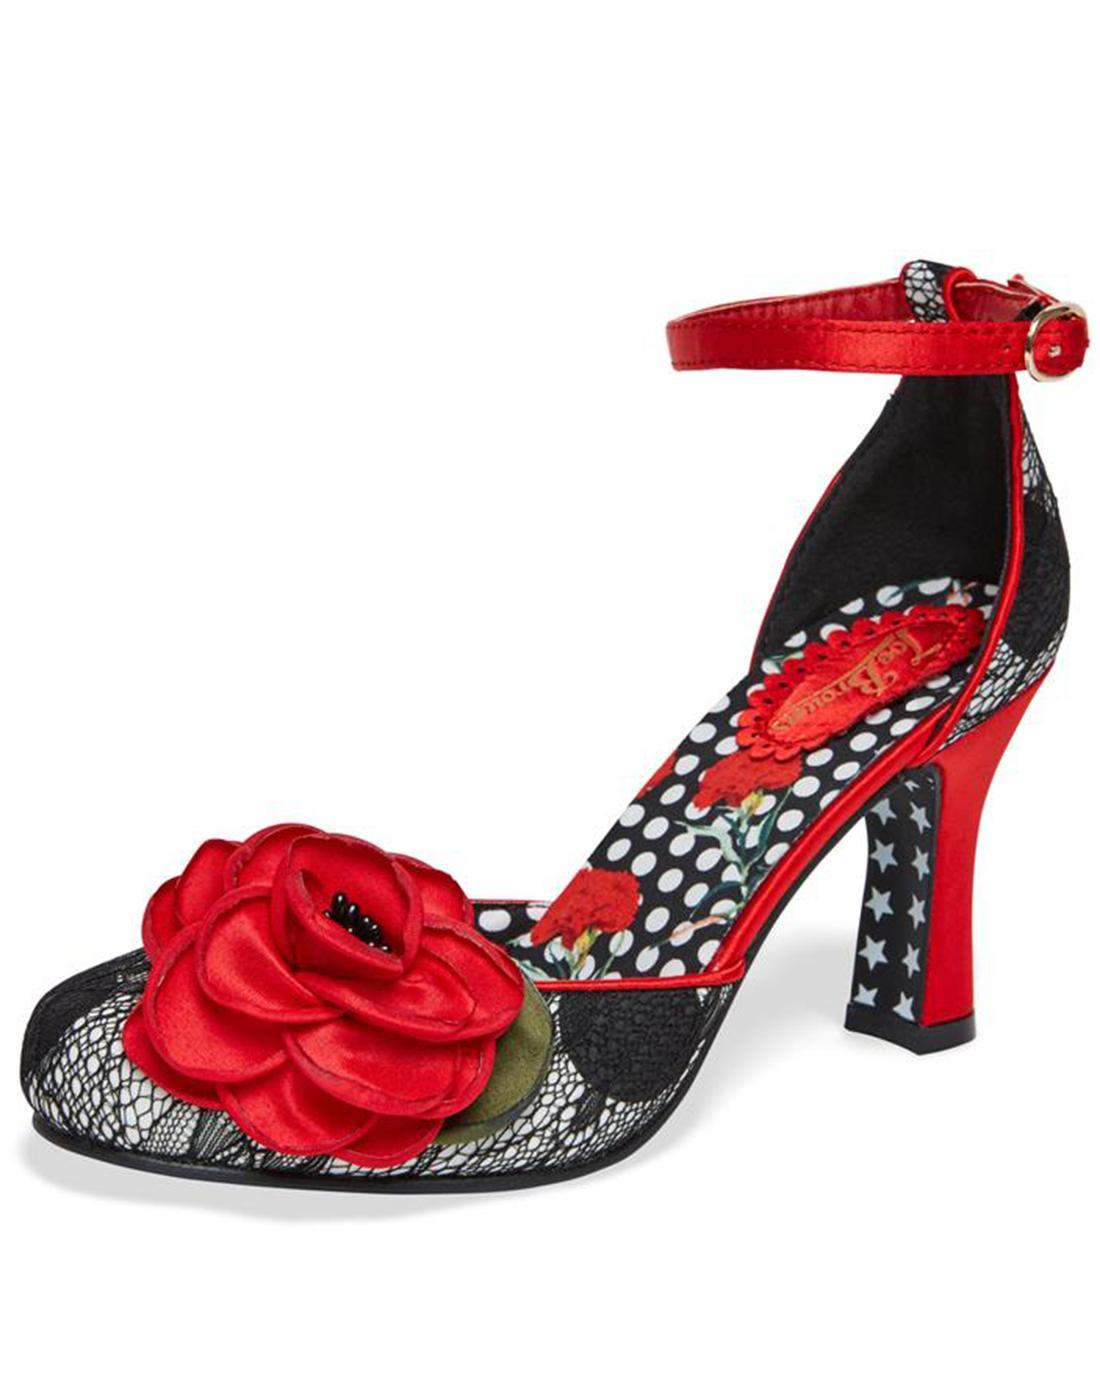 Cordelia JOE BROWNS Retro Lace Floral Heels